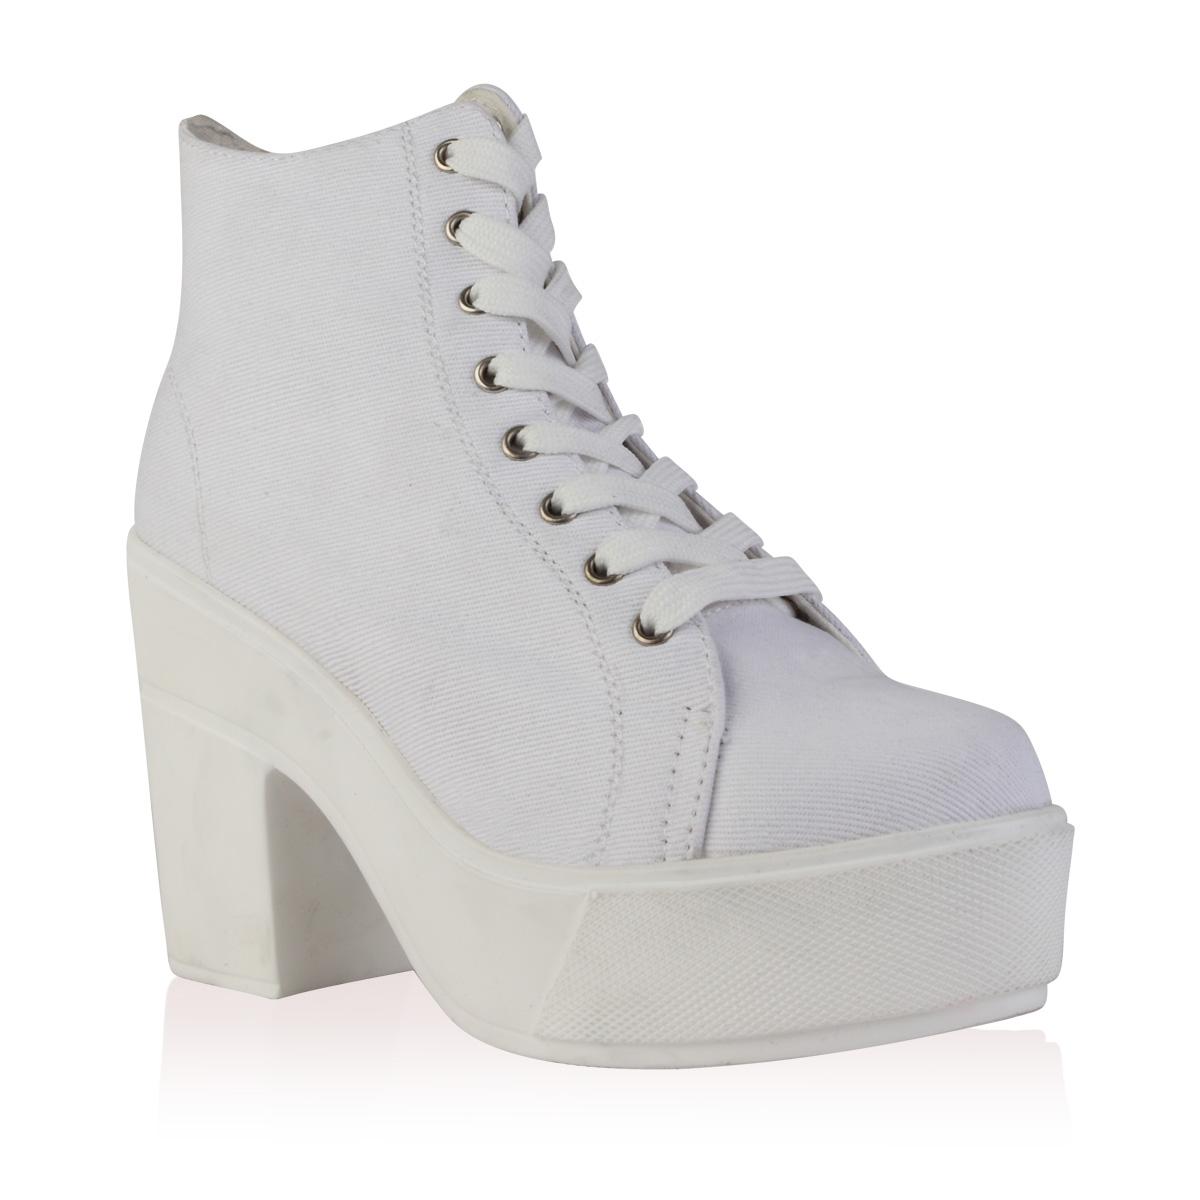 White Chunky Heel Boots - Is Heel